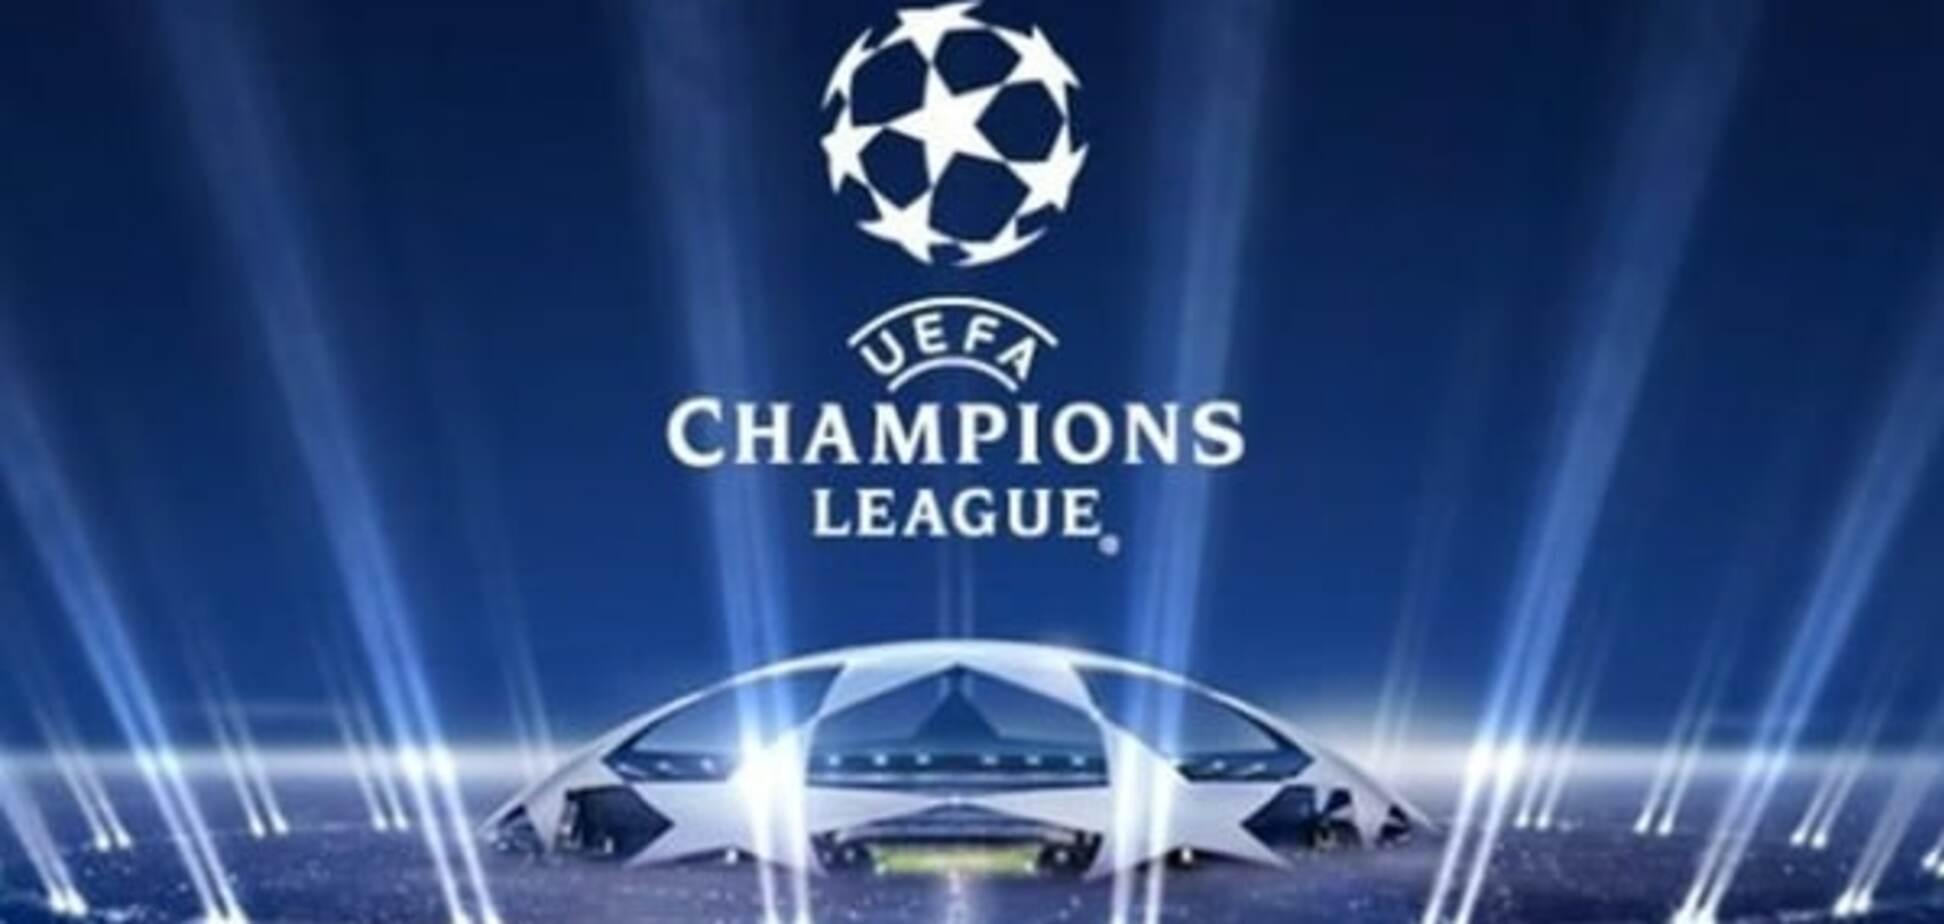 Официально: финал Лиги чемпионов 2017/2018 пройдет в Киеве